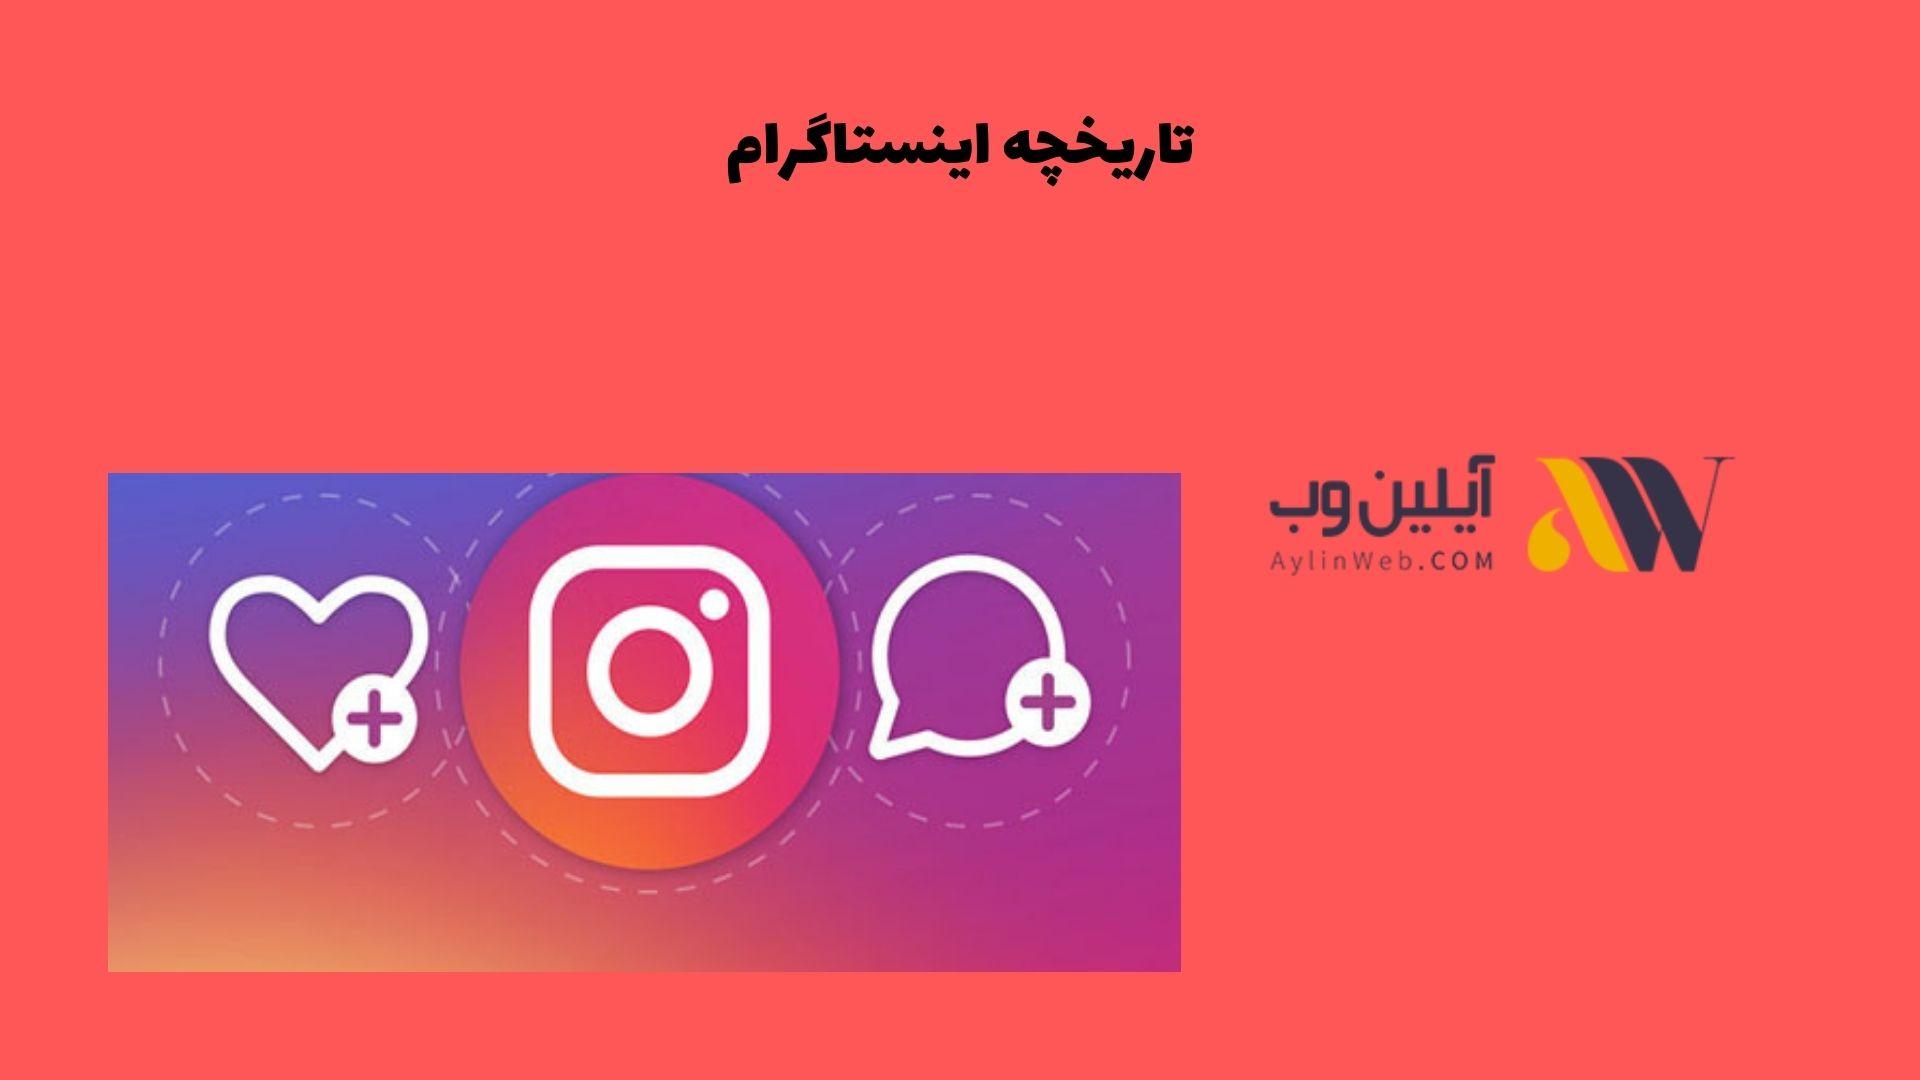 تاریخچه اینستاگرام